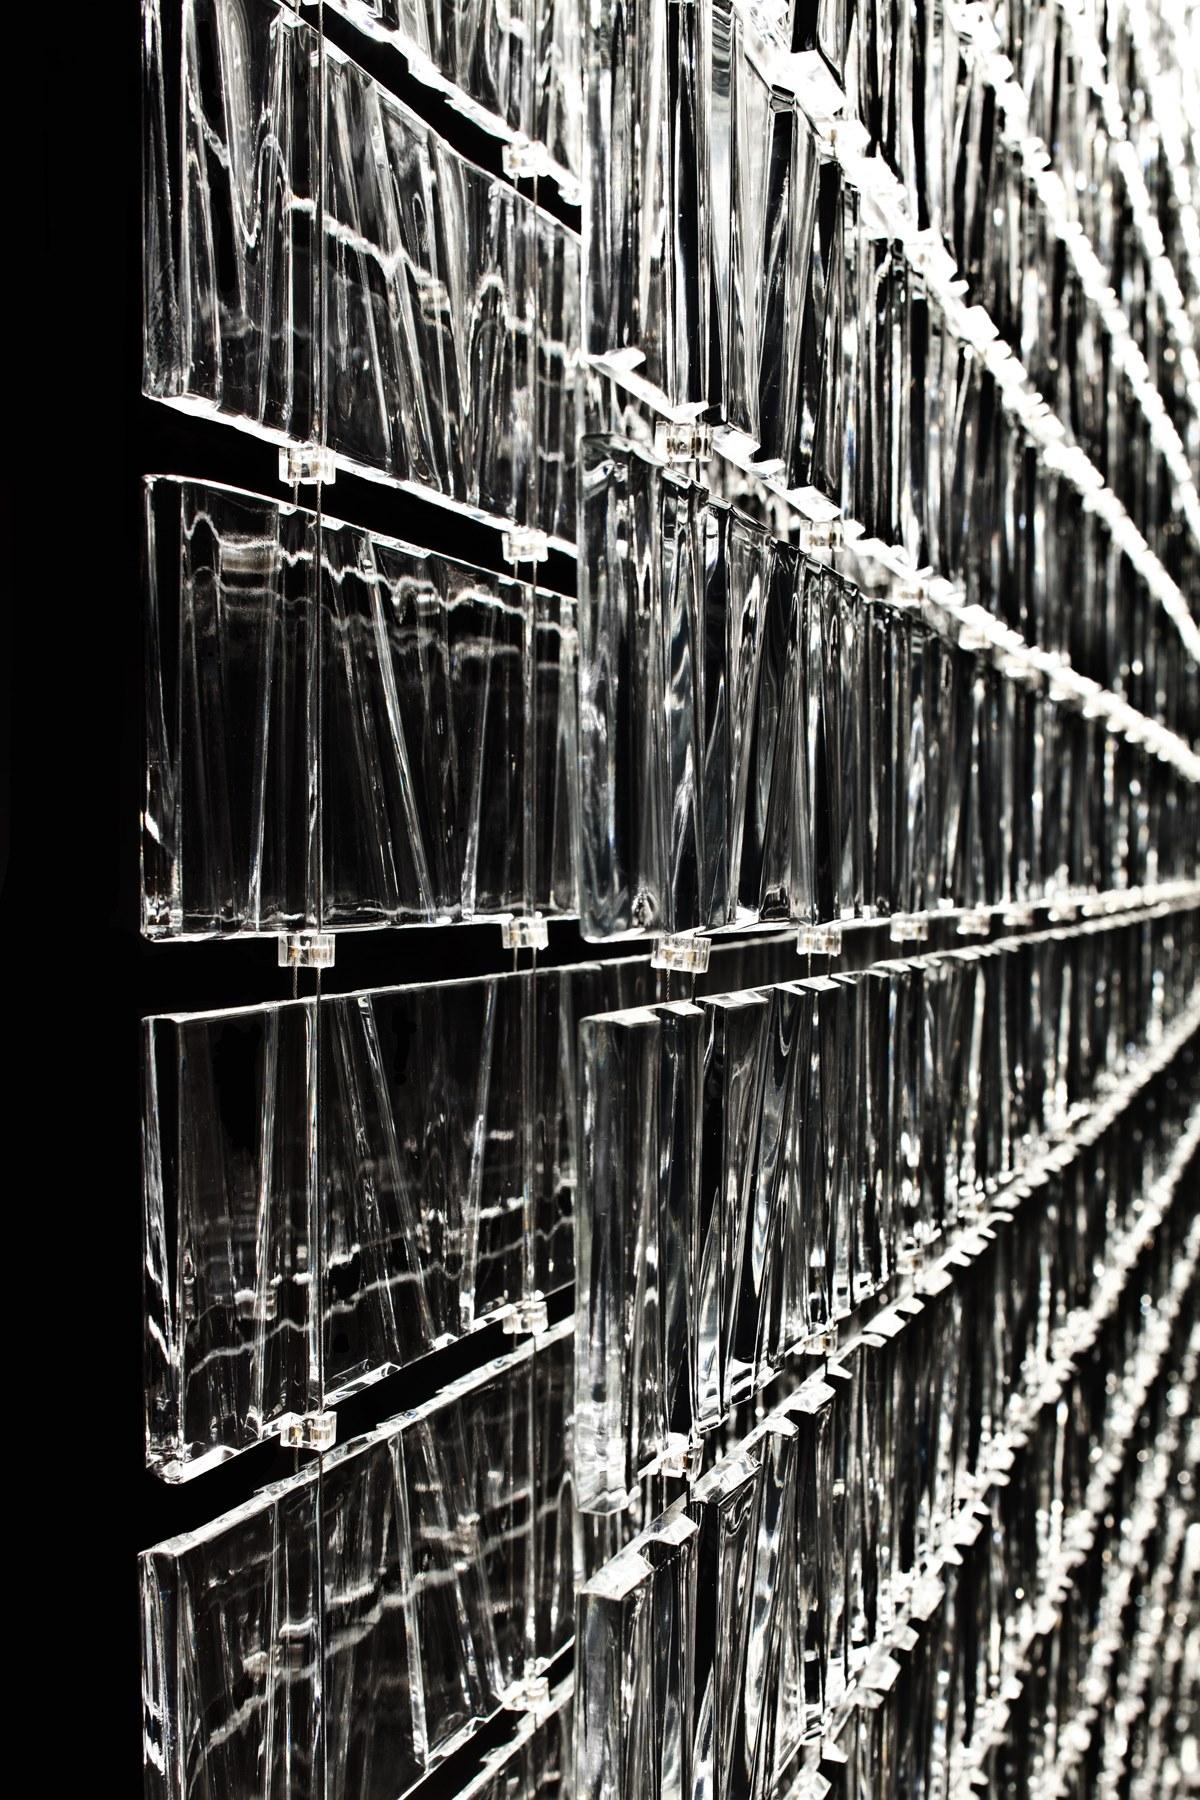 Tile Fabbian интерьерные элементы и светильники из литого стекла с фактурой (орнаментом)